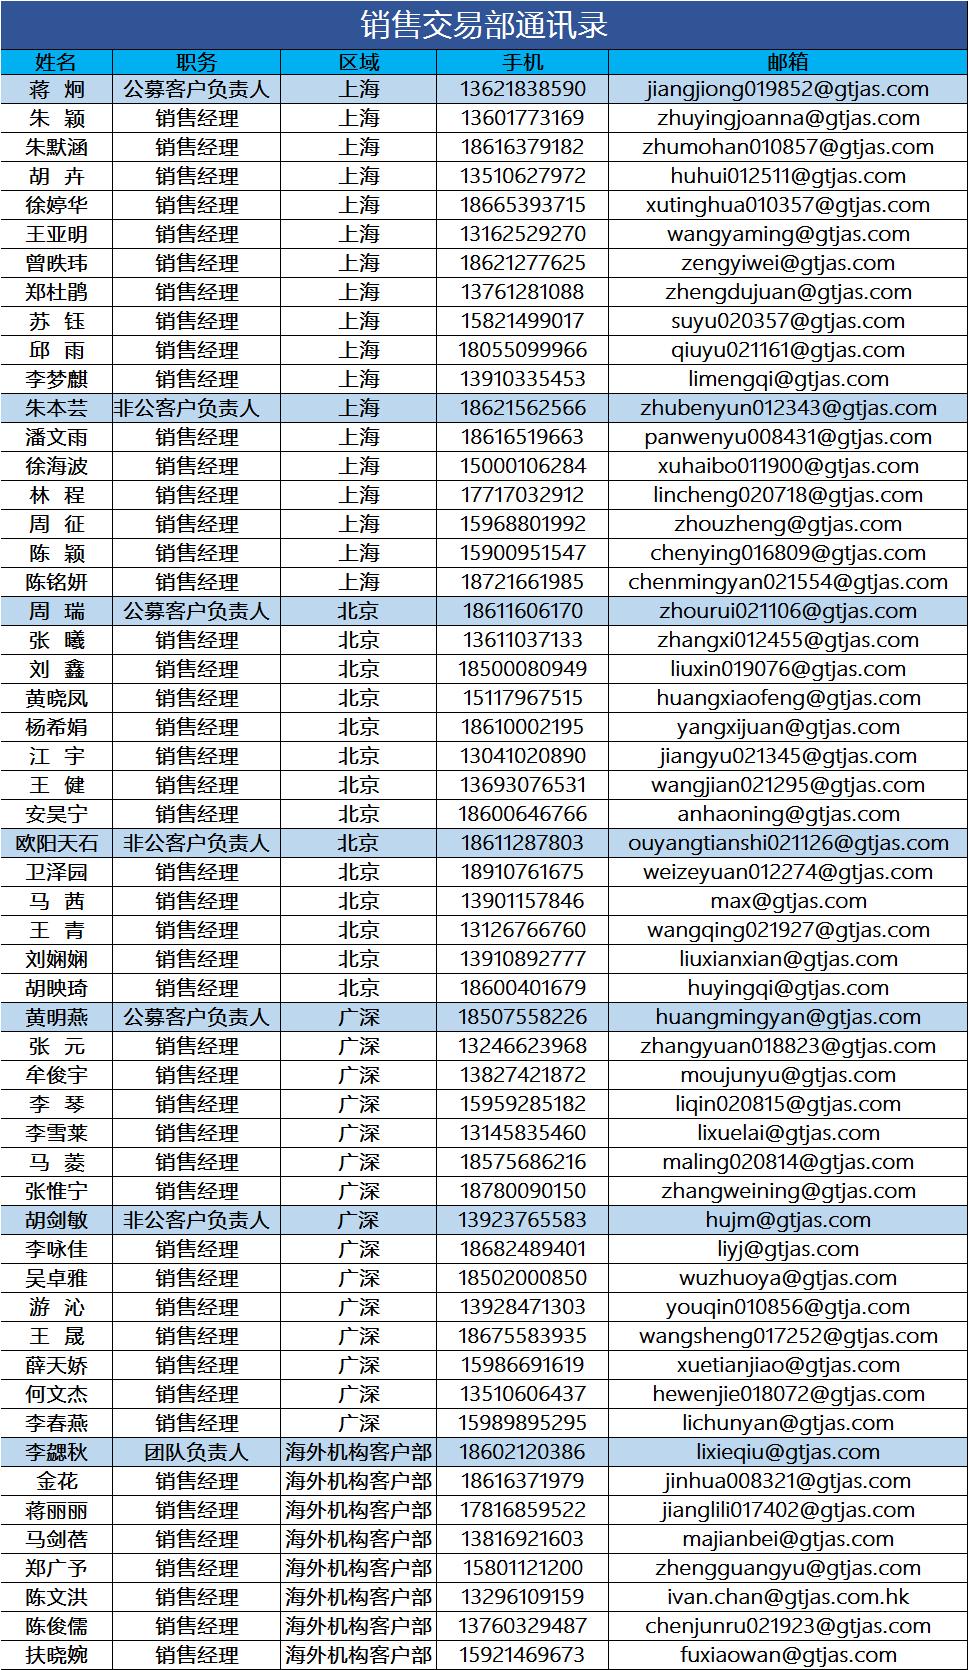 国君计算机 | 7月小幅回落,公卫订单持续增长